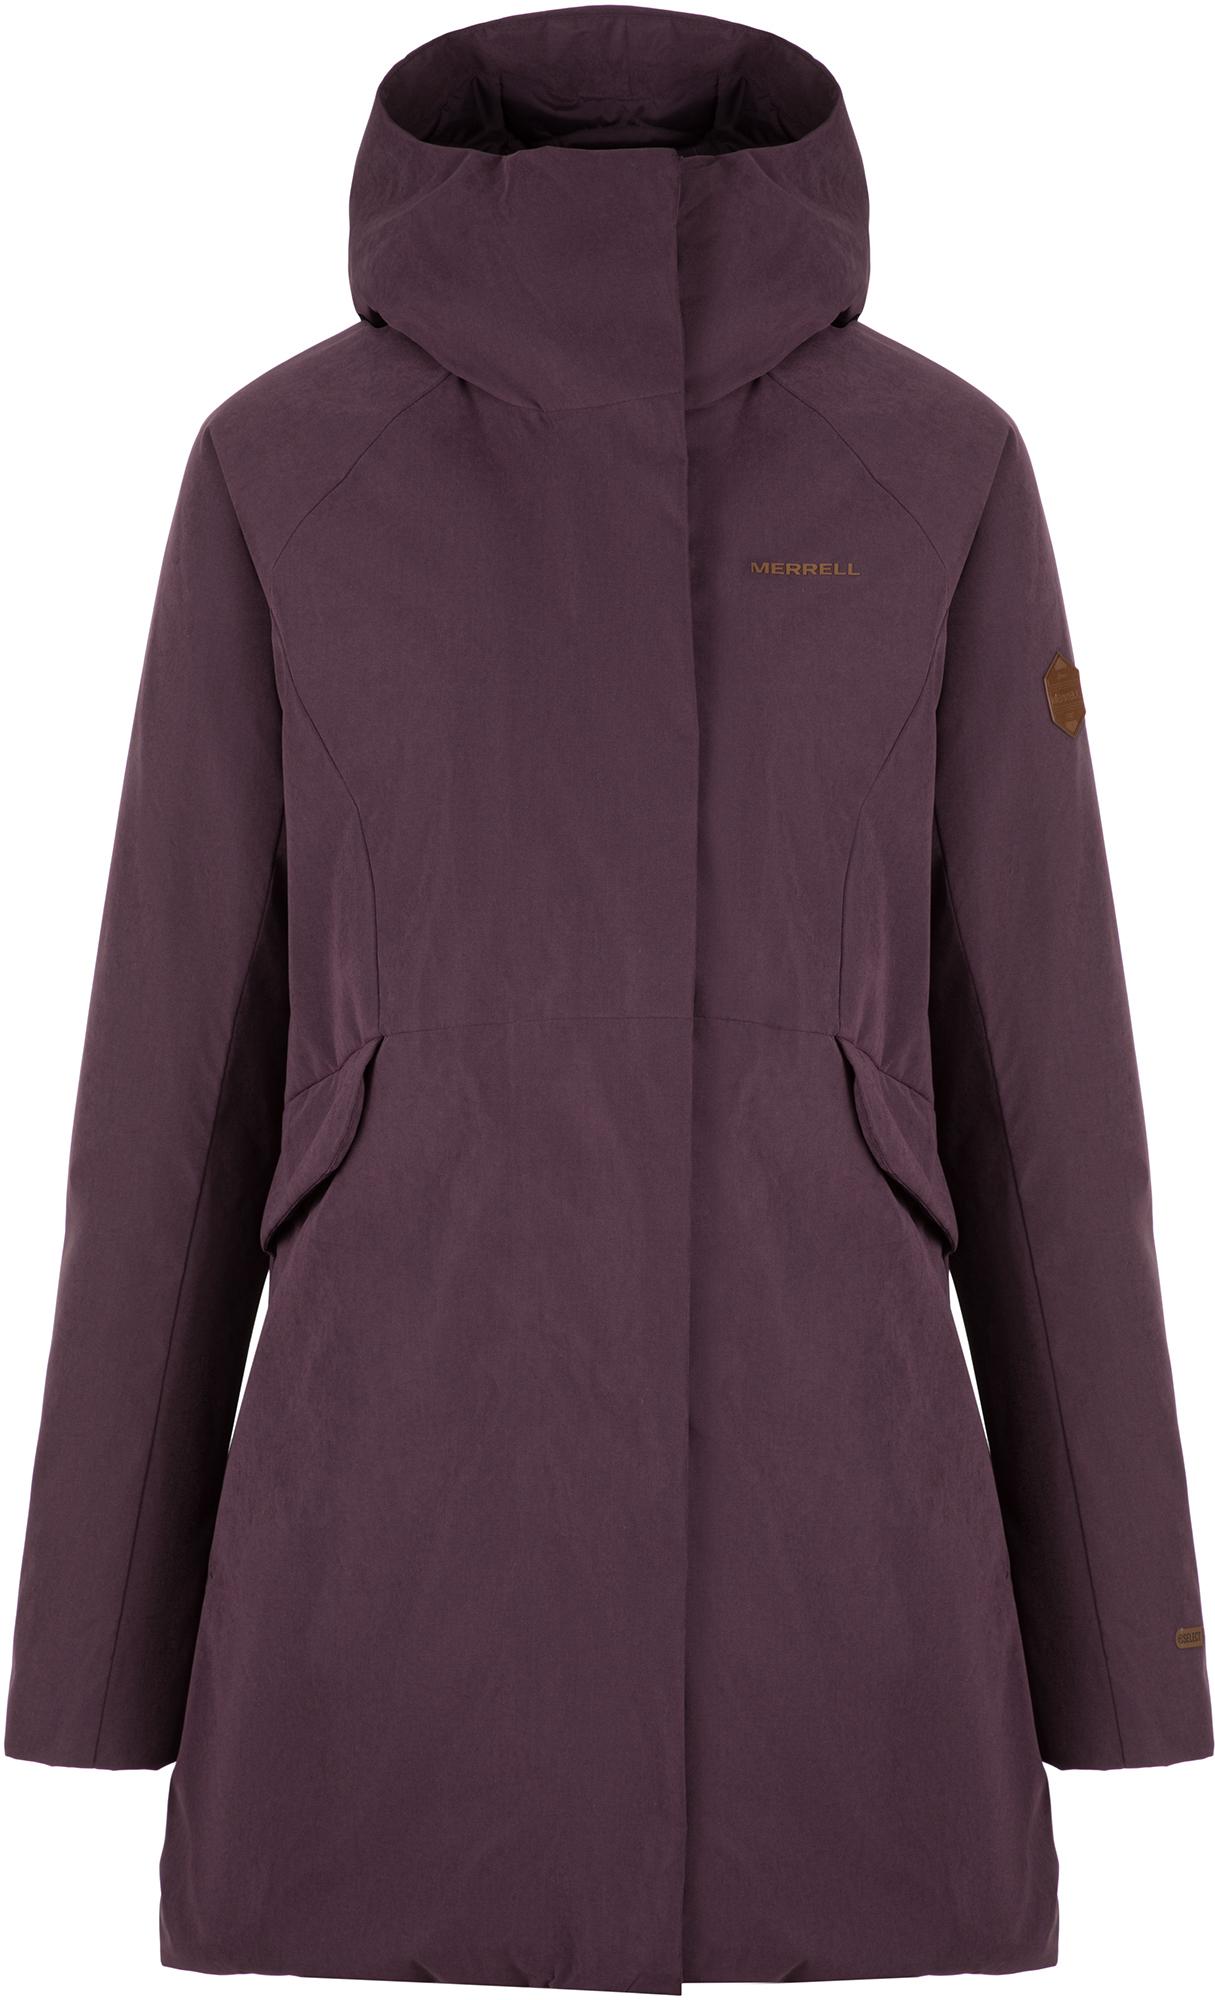 Фото - Merrell Куртка утепленная женская Merrell, размер 46 куртка женская pepe jeans цвет зеленый 097 pl401555 664 размер m 44 46